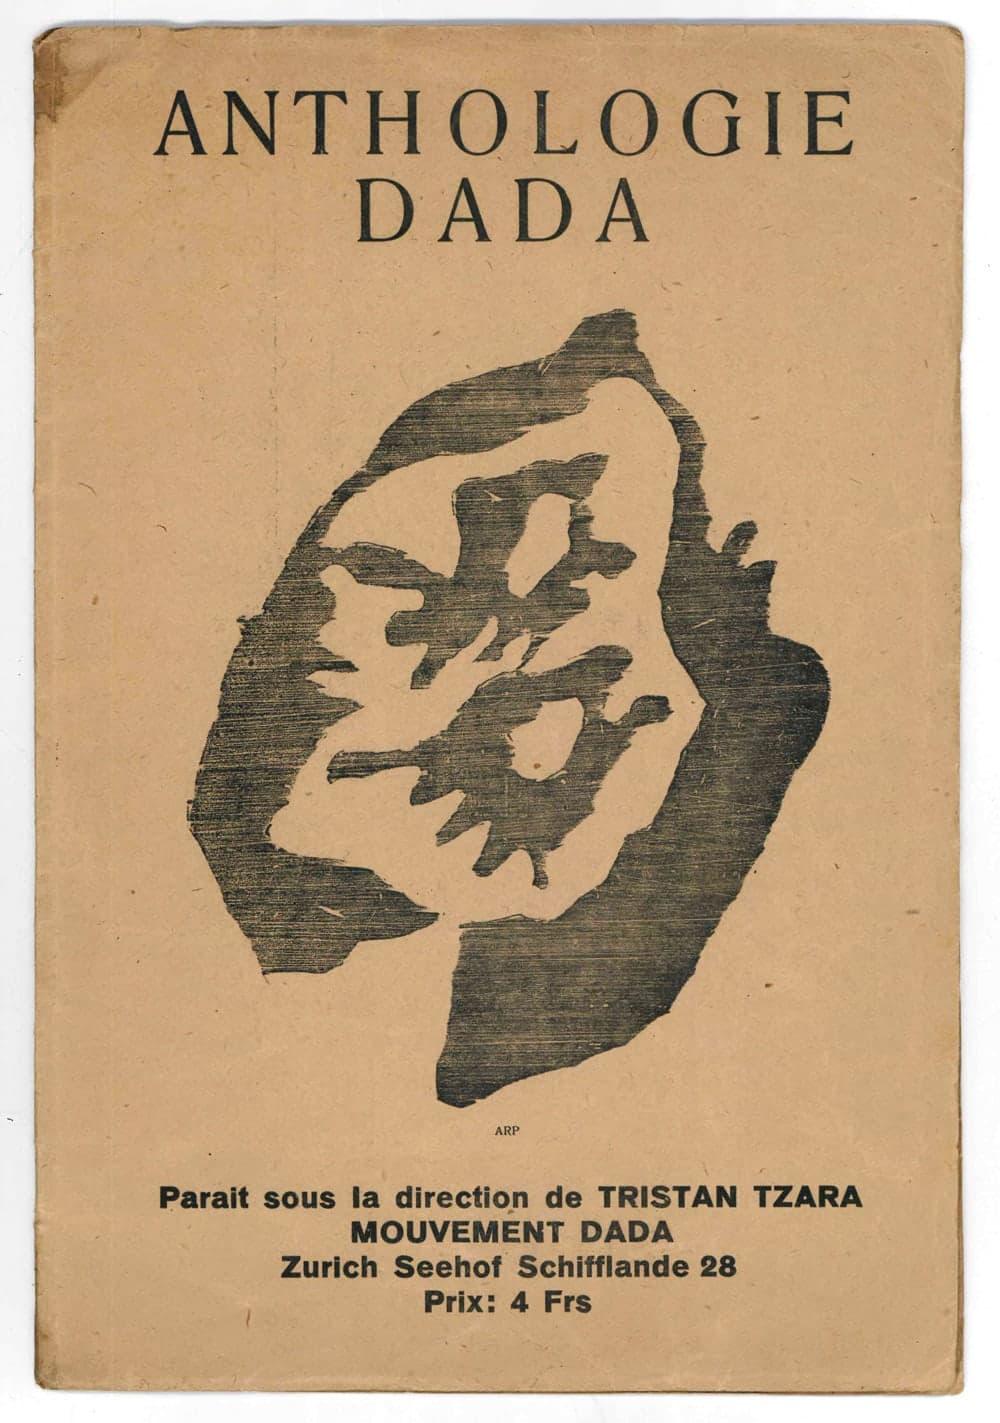 dada 4-5. [in cop.: anthologie dada. paruit sous la direction de tristan tzara.]